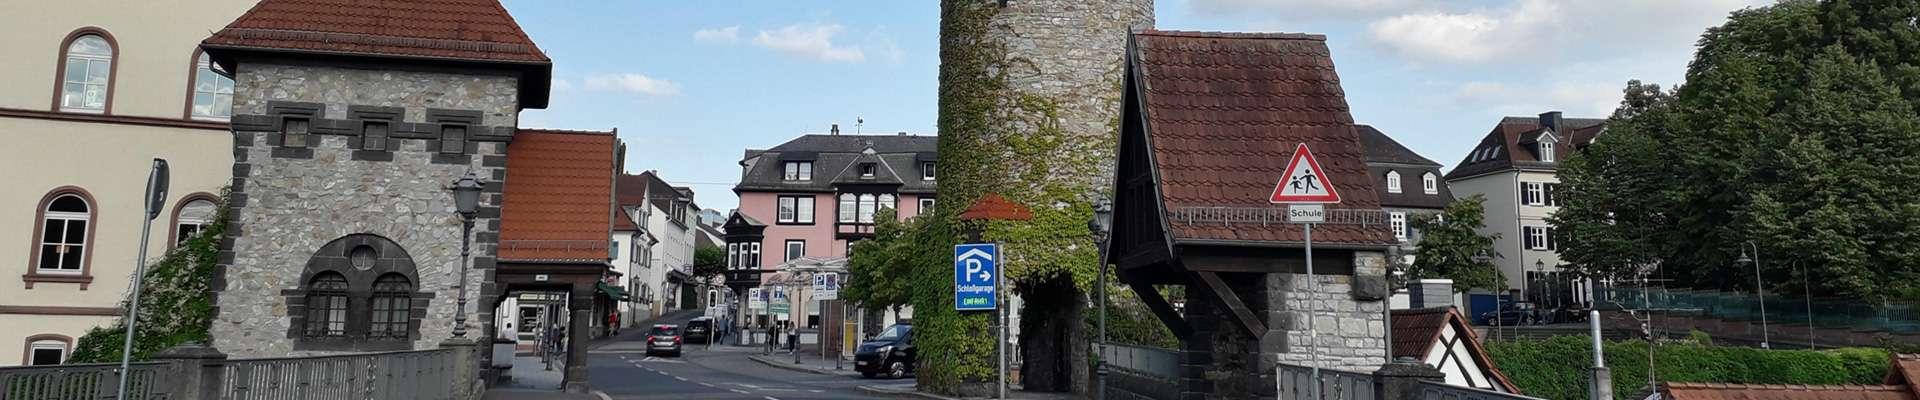 PR Agentur Bad Homburg